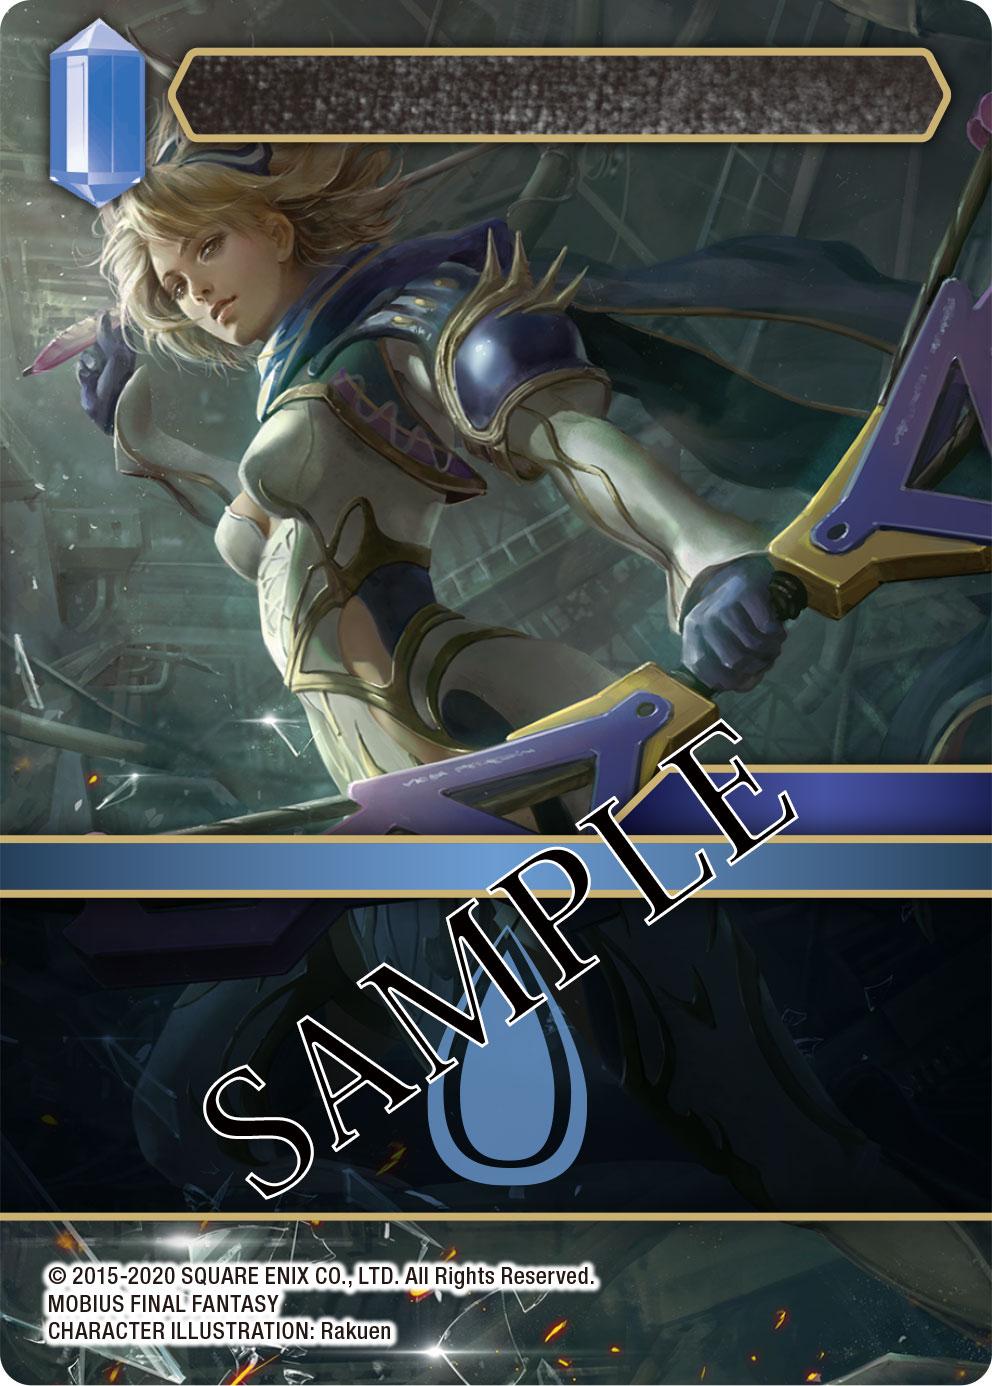 Sarah from Mobius Final Fantasy